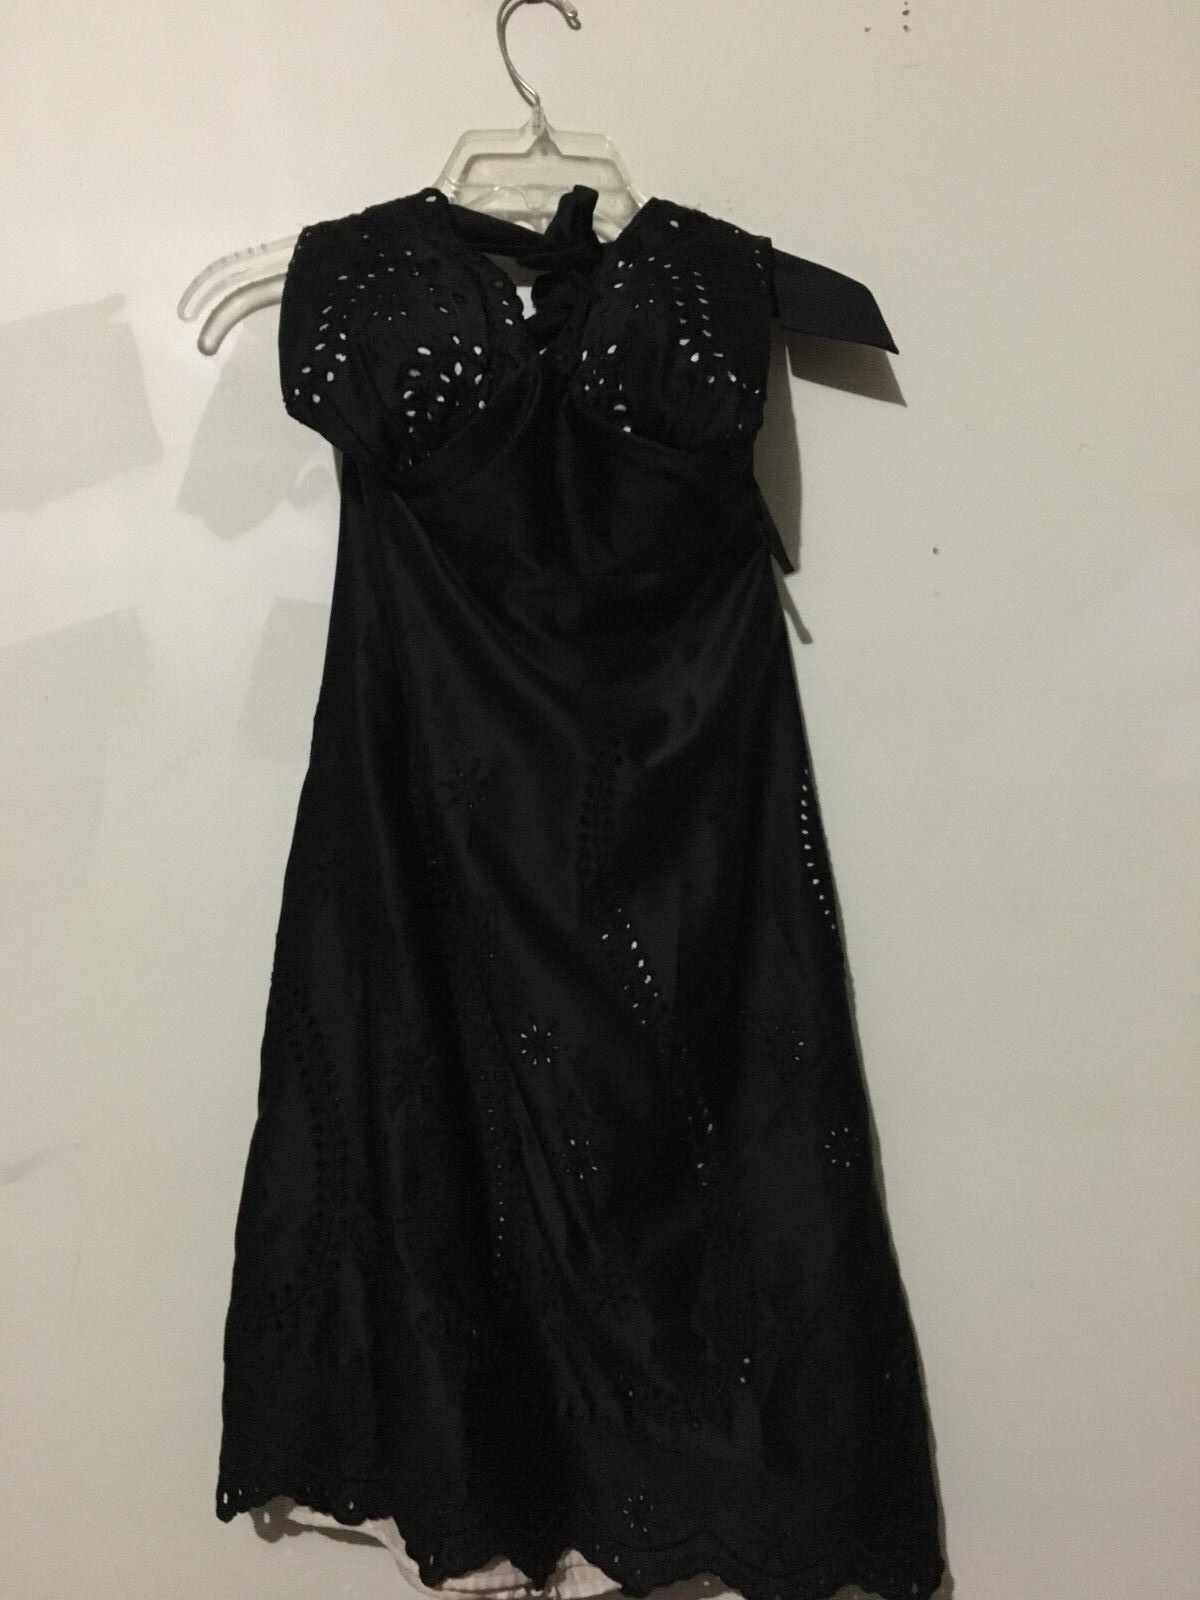 Weiß House schwarz Market Größe 2 schwarz Lace Halter Dress Lined damen Stylish